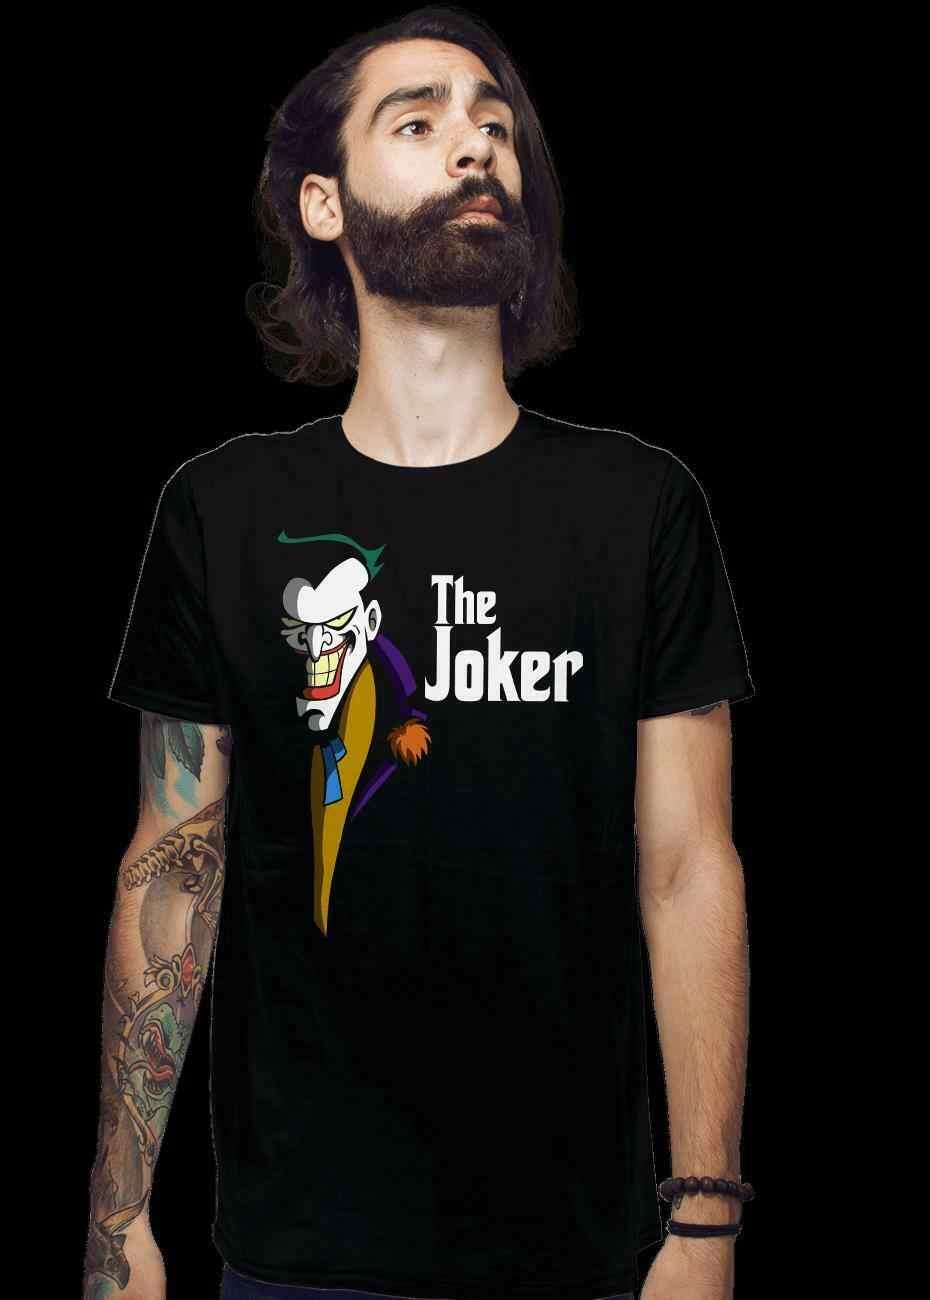 JOKEFATHER Джокер Бог-отец Смешные черные футболки летучая мышь человек Хит Леджер